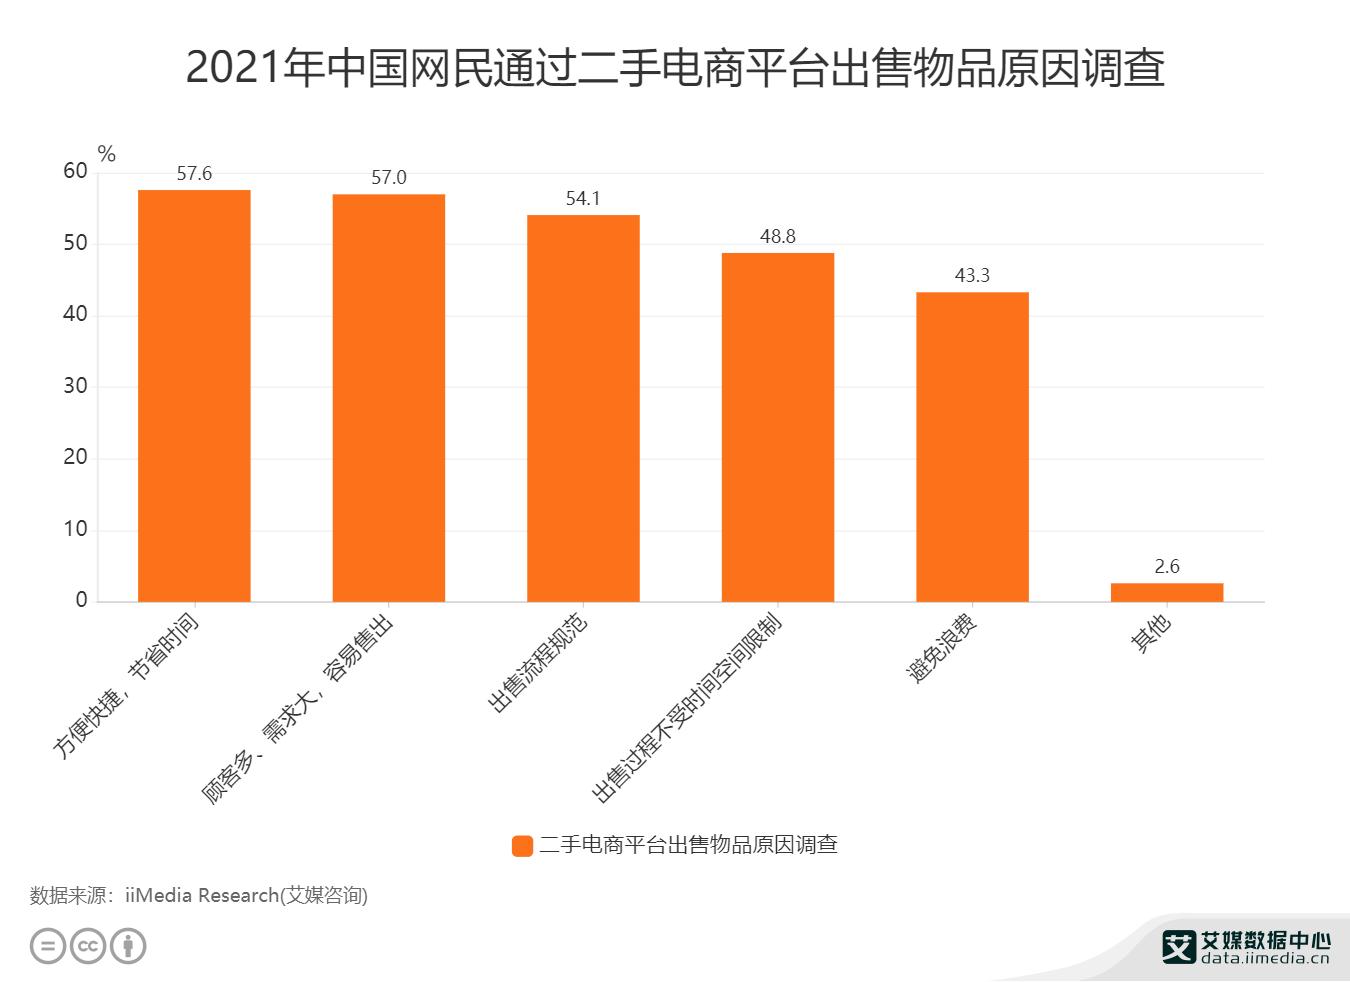 2021年中国网民通过二手电商平台出售物品原因调查.png